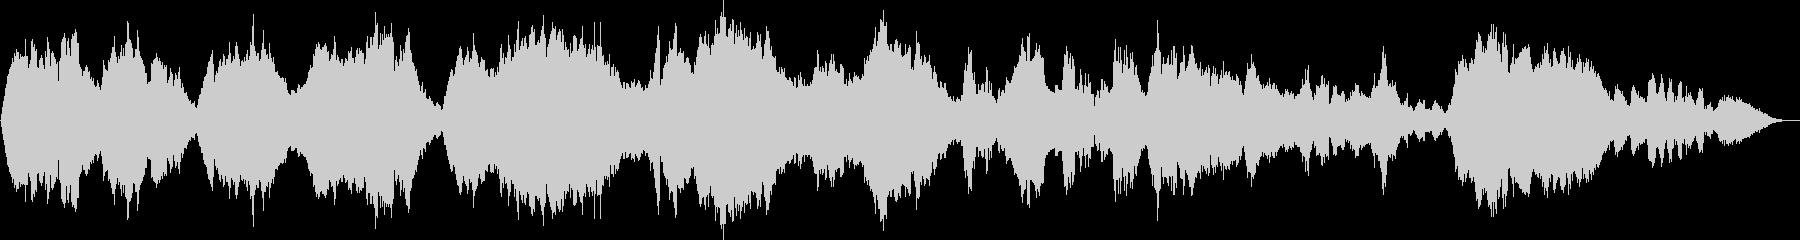 クラリネット五重奏曲第2楽章(抜粋)の未再生の波形